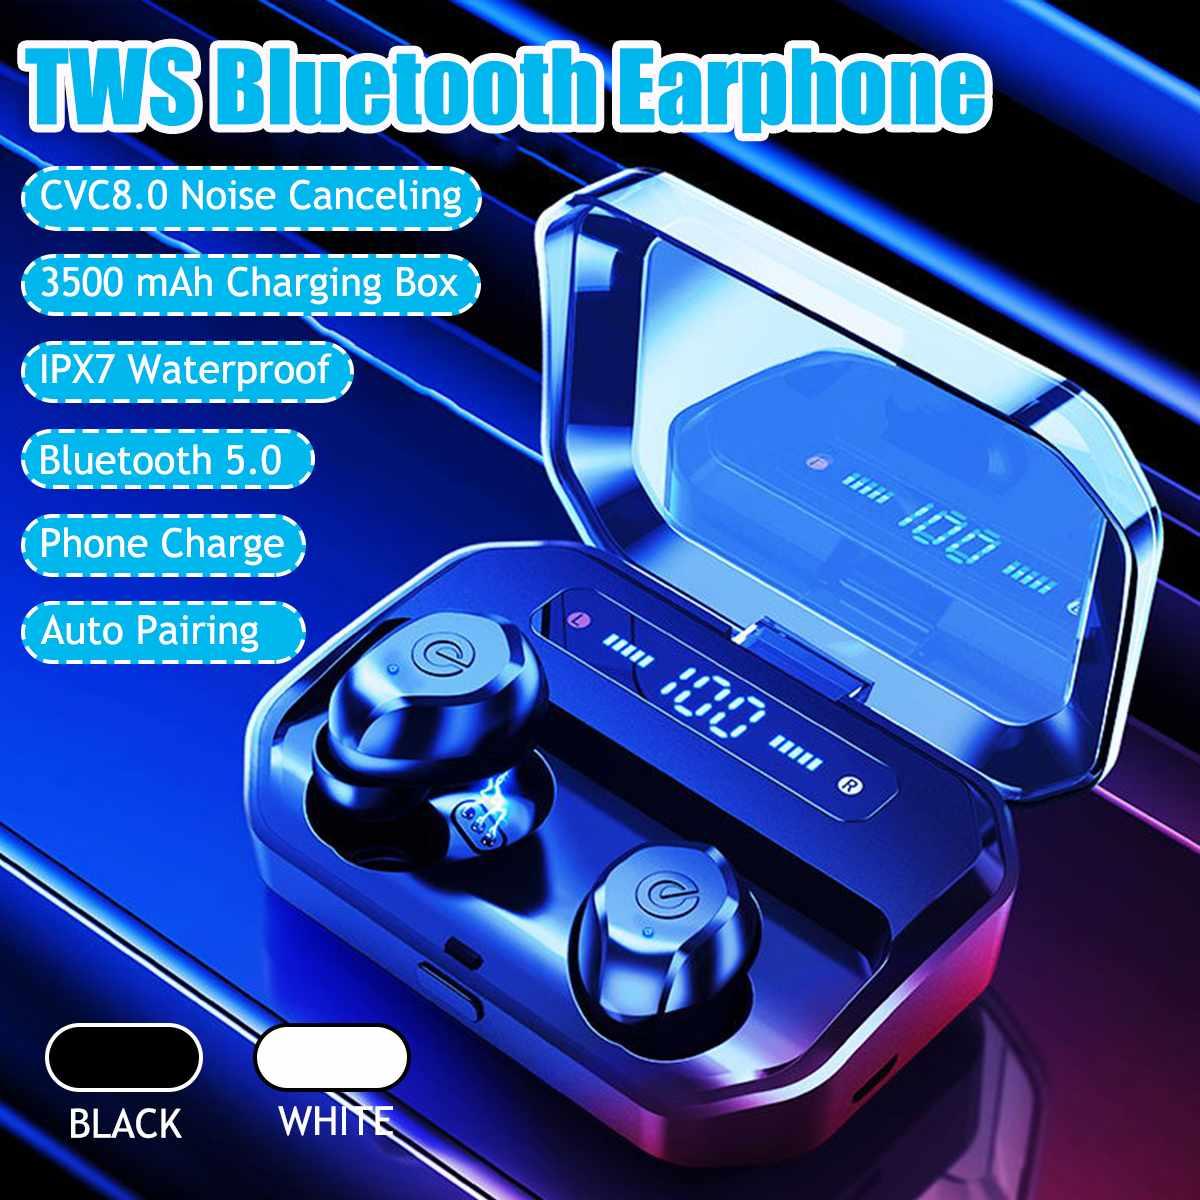 TWS CVC casque stéréo sans fil bluetooth 5.0 dans l'oreille écouteurs son HIFI avec 3500 mAh Powerbank chargeur boîte pour IOS Android